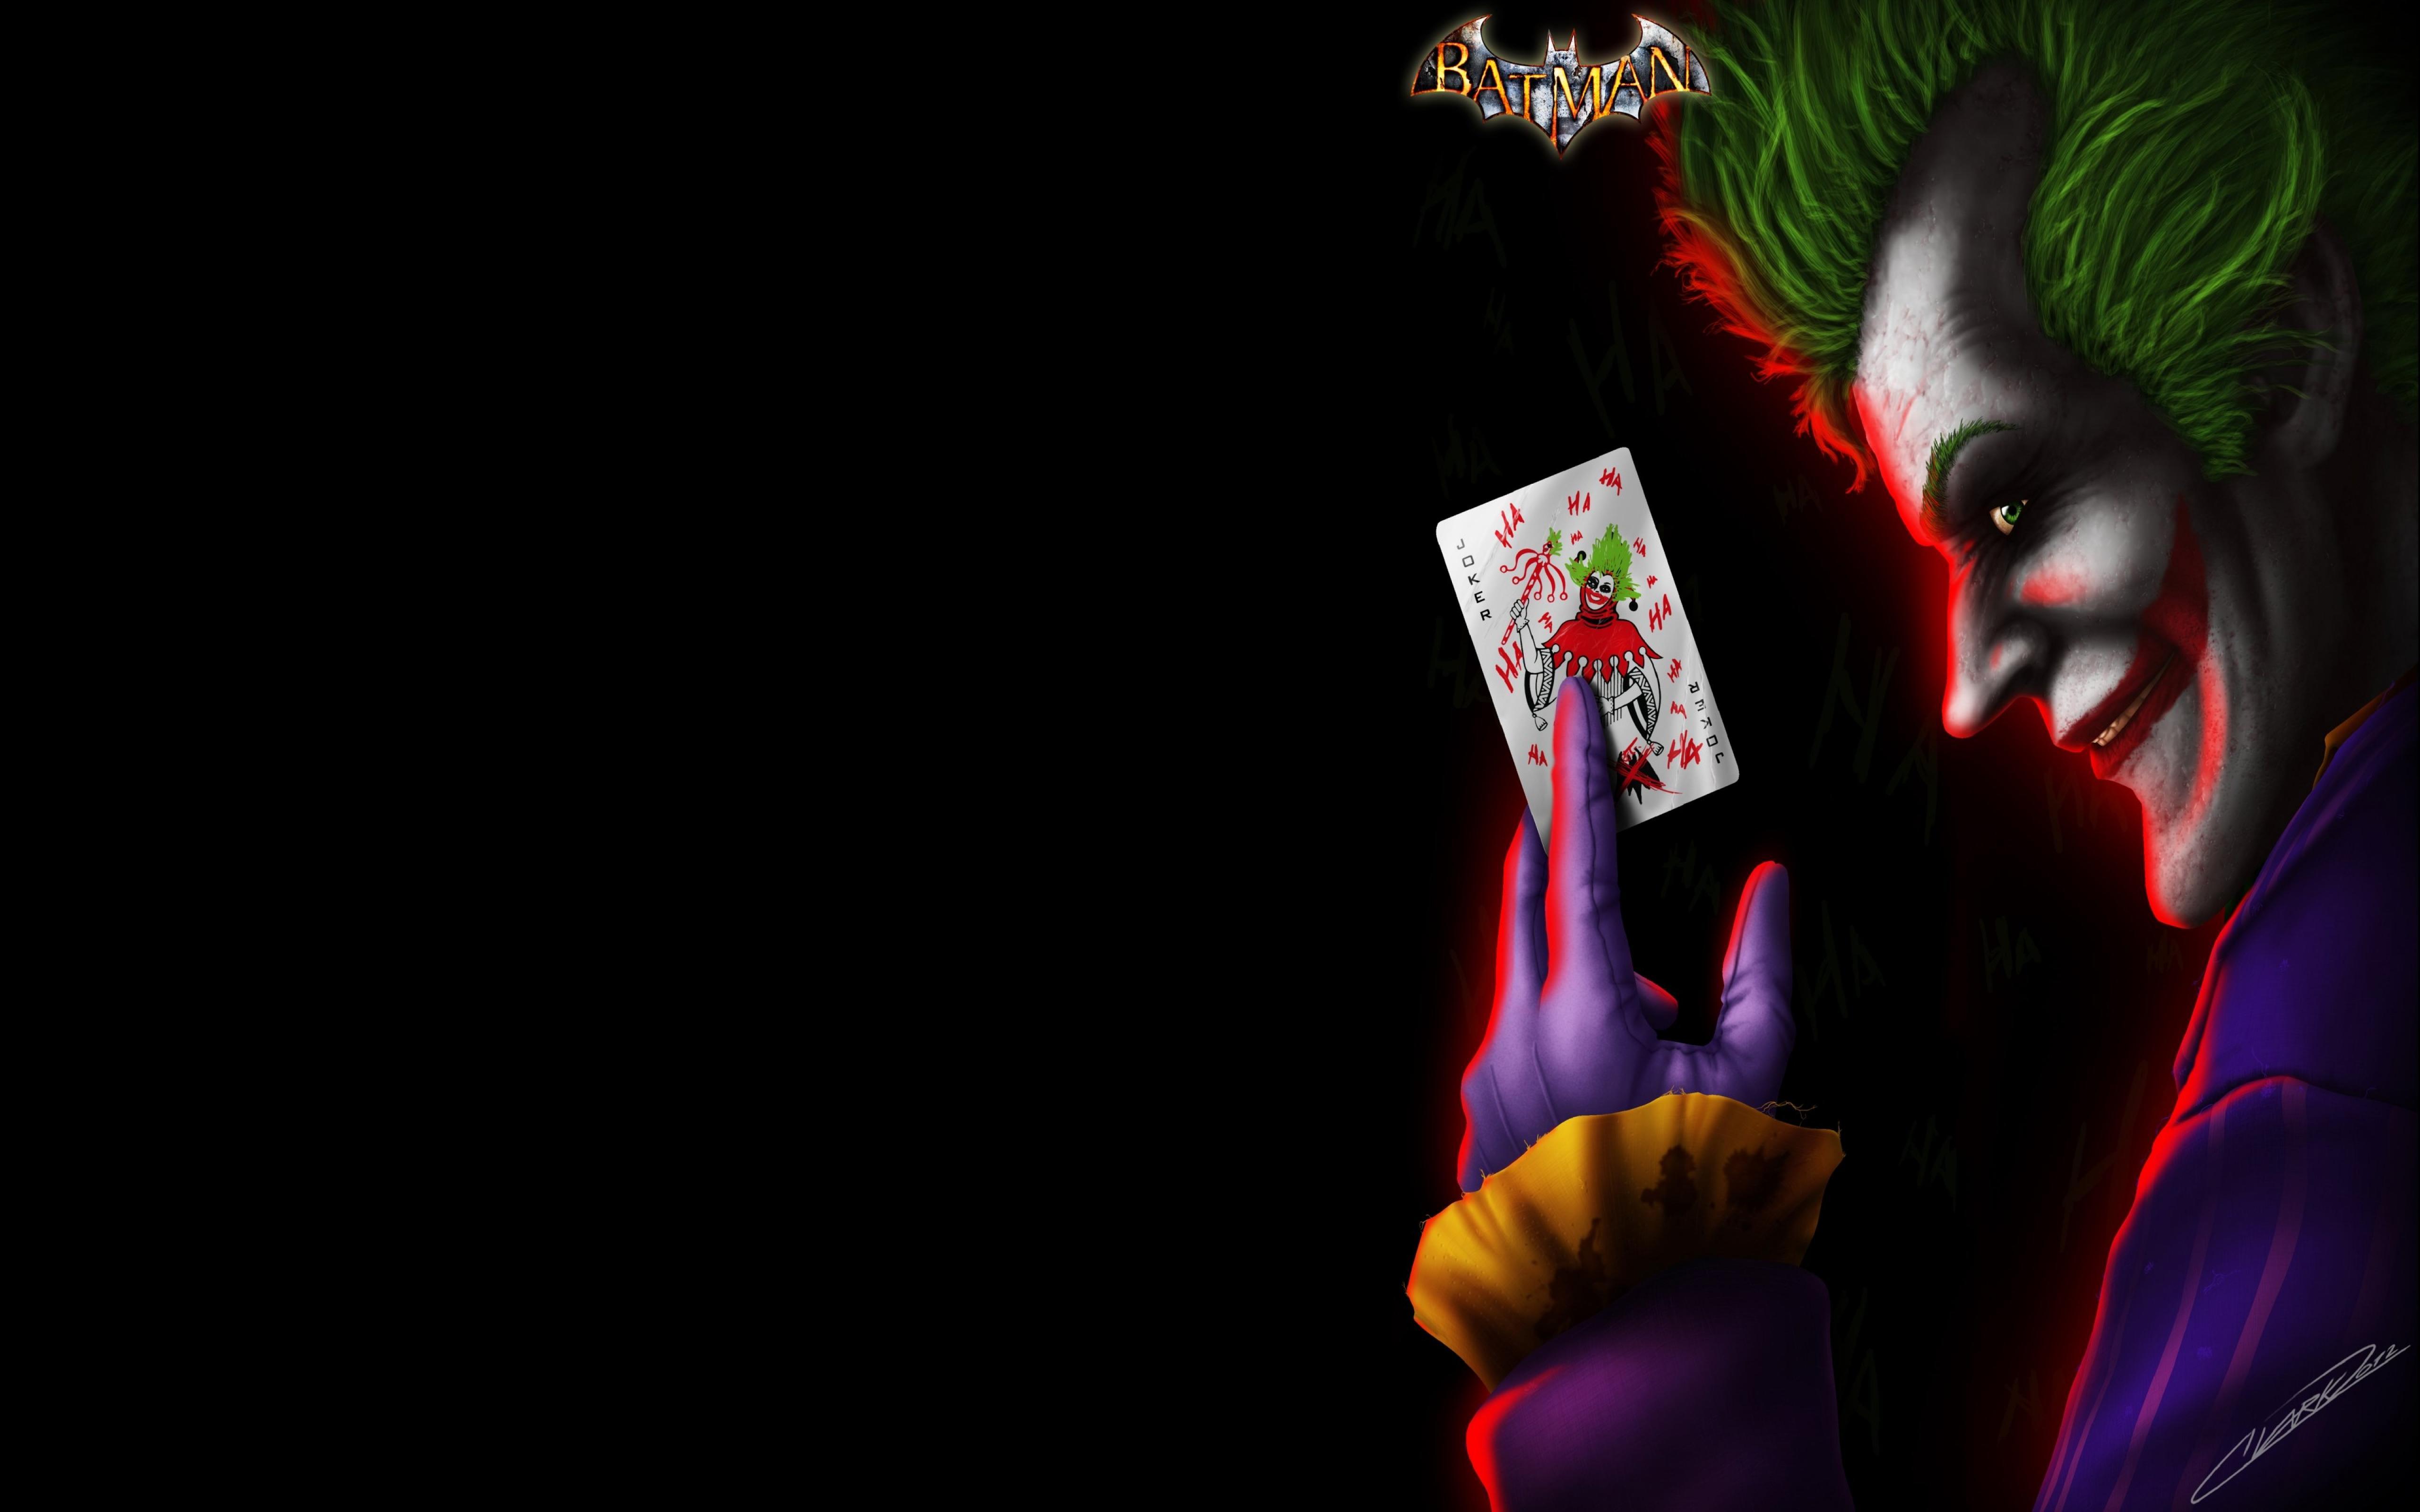 2560x1600 Joker Fan Art 2560x1600 Resolution HD 4k ...